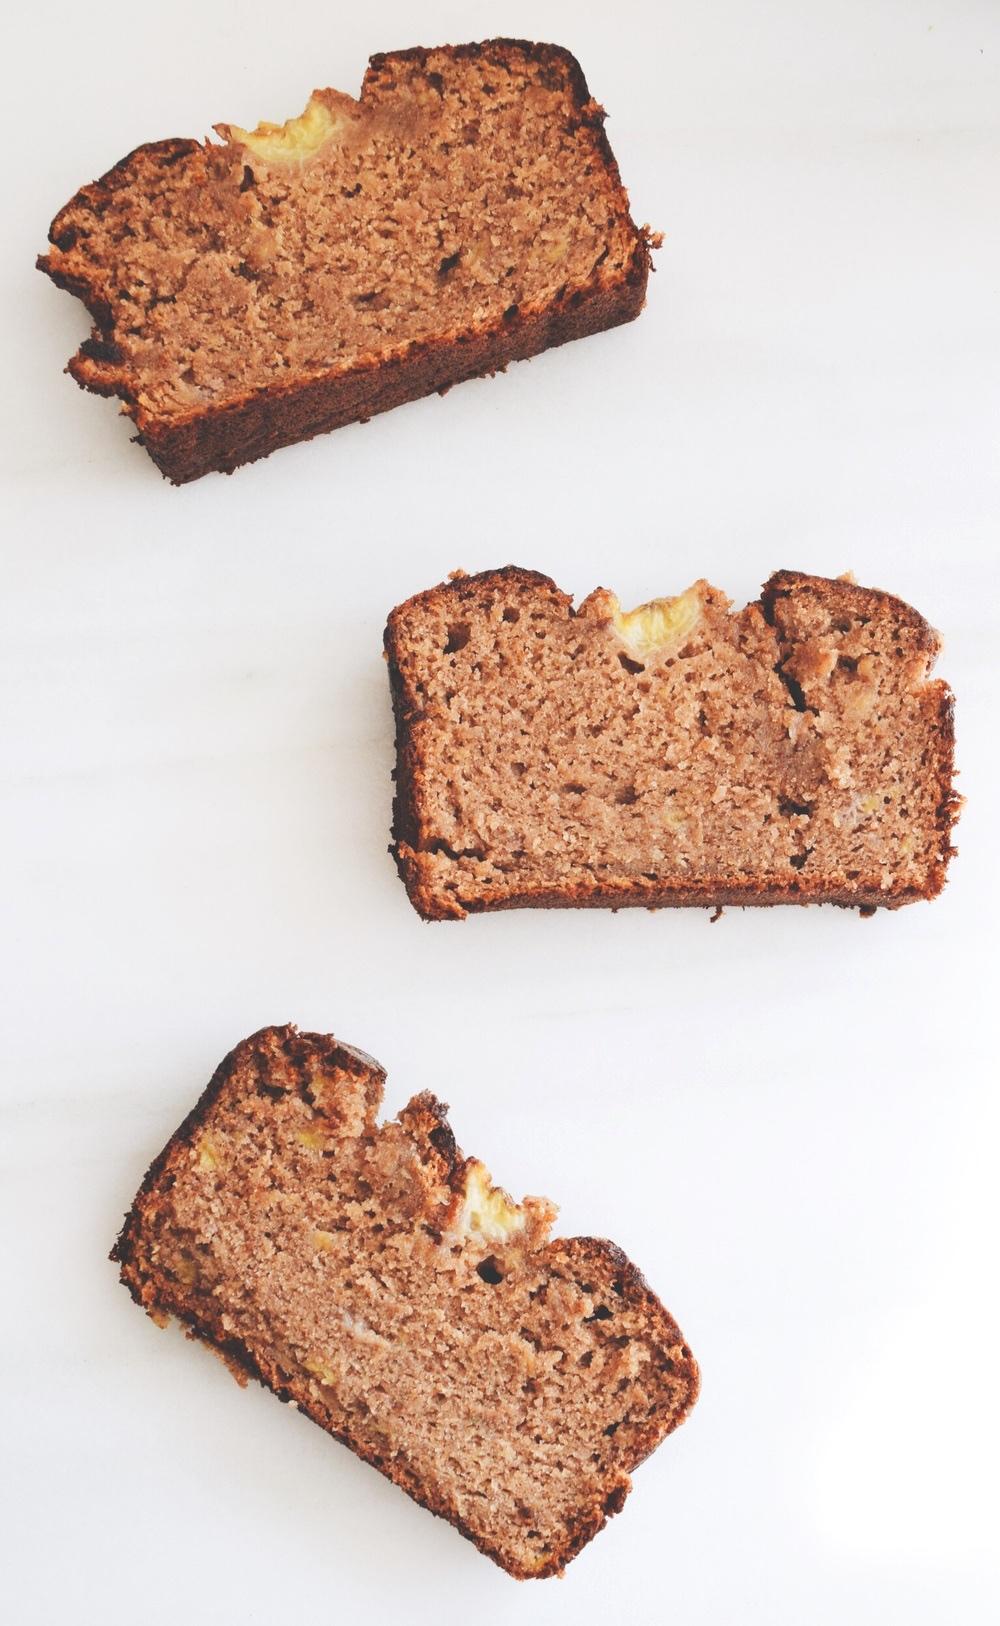 Gluten%2B%26%2Brefined%2Bsugar%2Bfree%2Bbanana%2Bbread.jpg